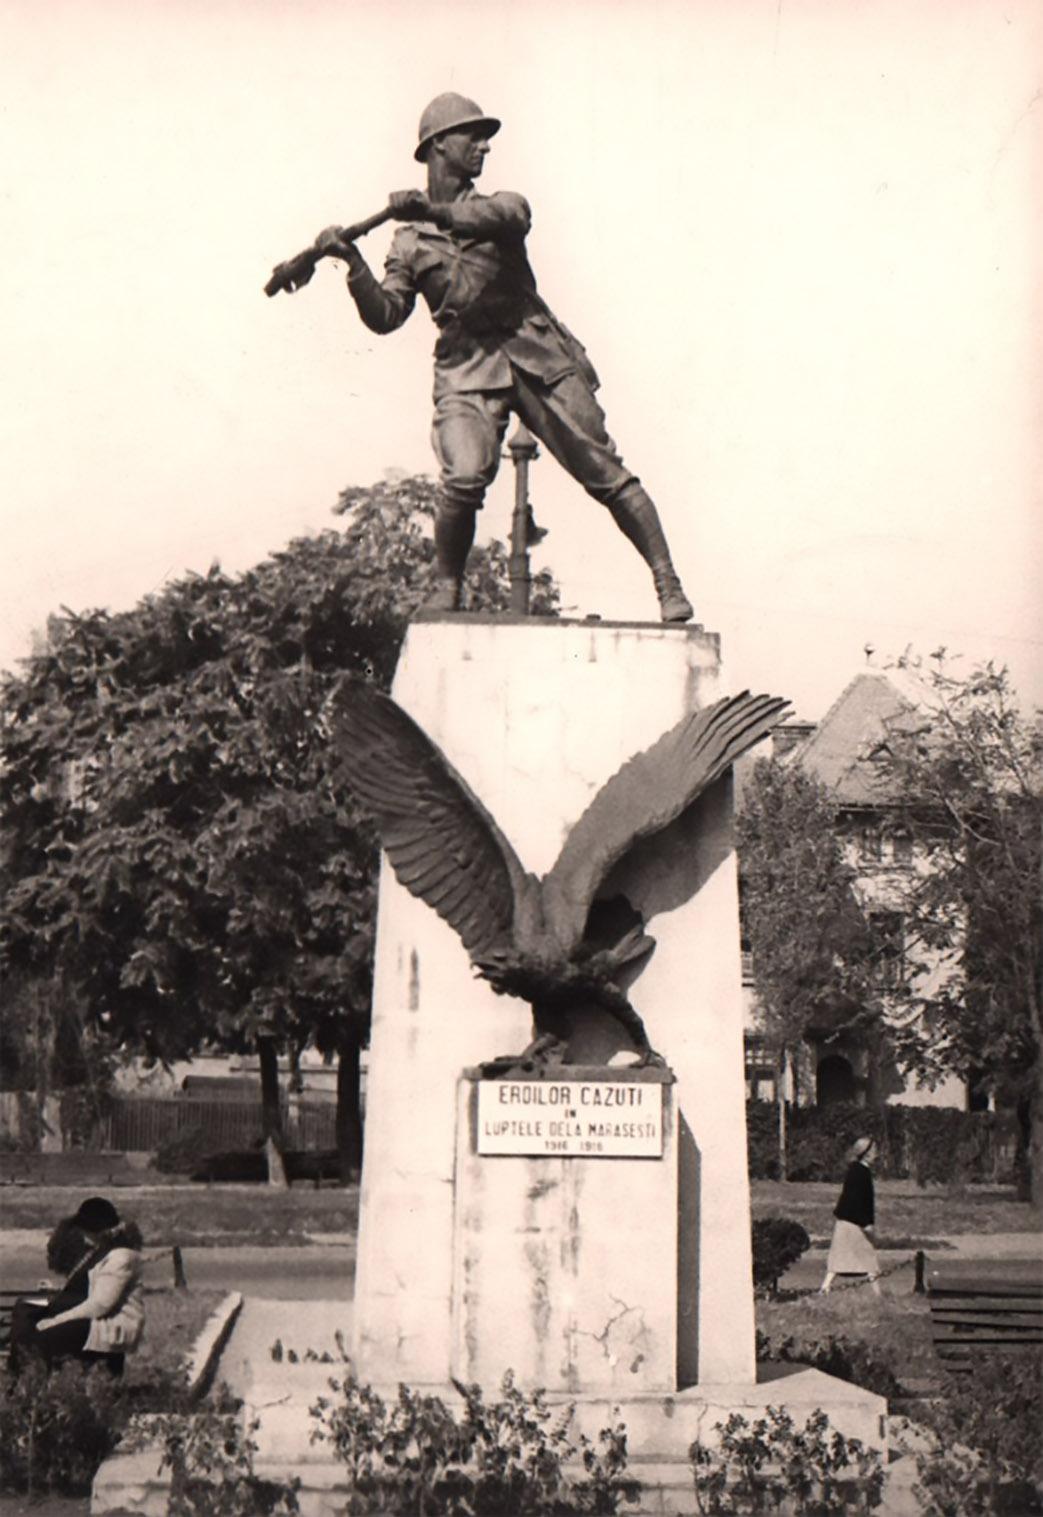 poze vechi anul 1940 cu Monumentul Infanteristului din Bucuresti Regimentul 9 vanatori cartier cotroceni